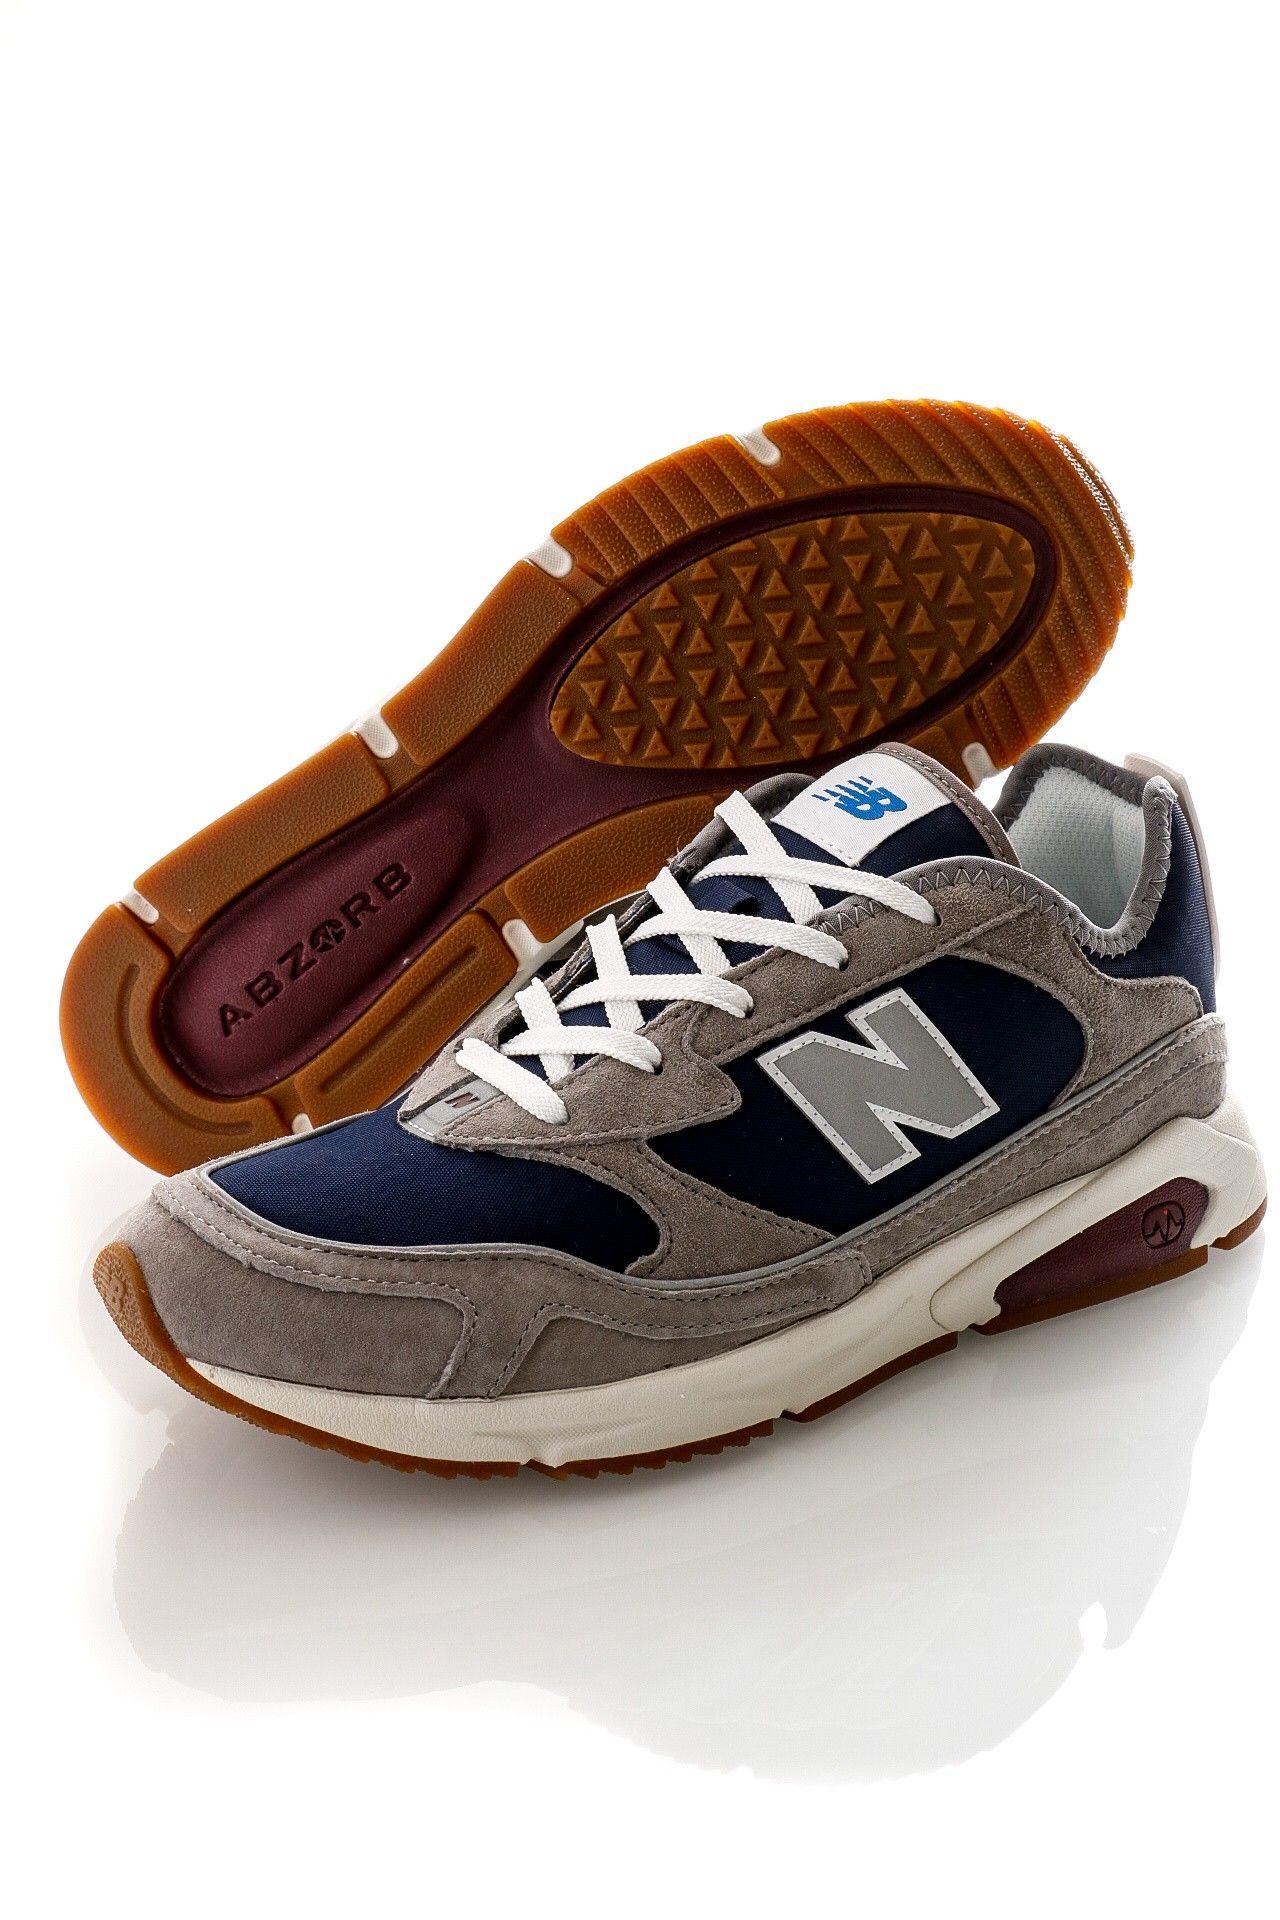 Afbeelding van New Balance Sneakers MSXRCNO Grey/Navy (033) 775361-60